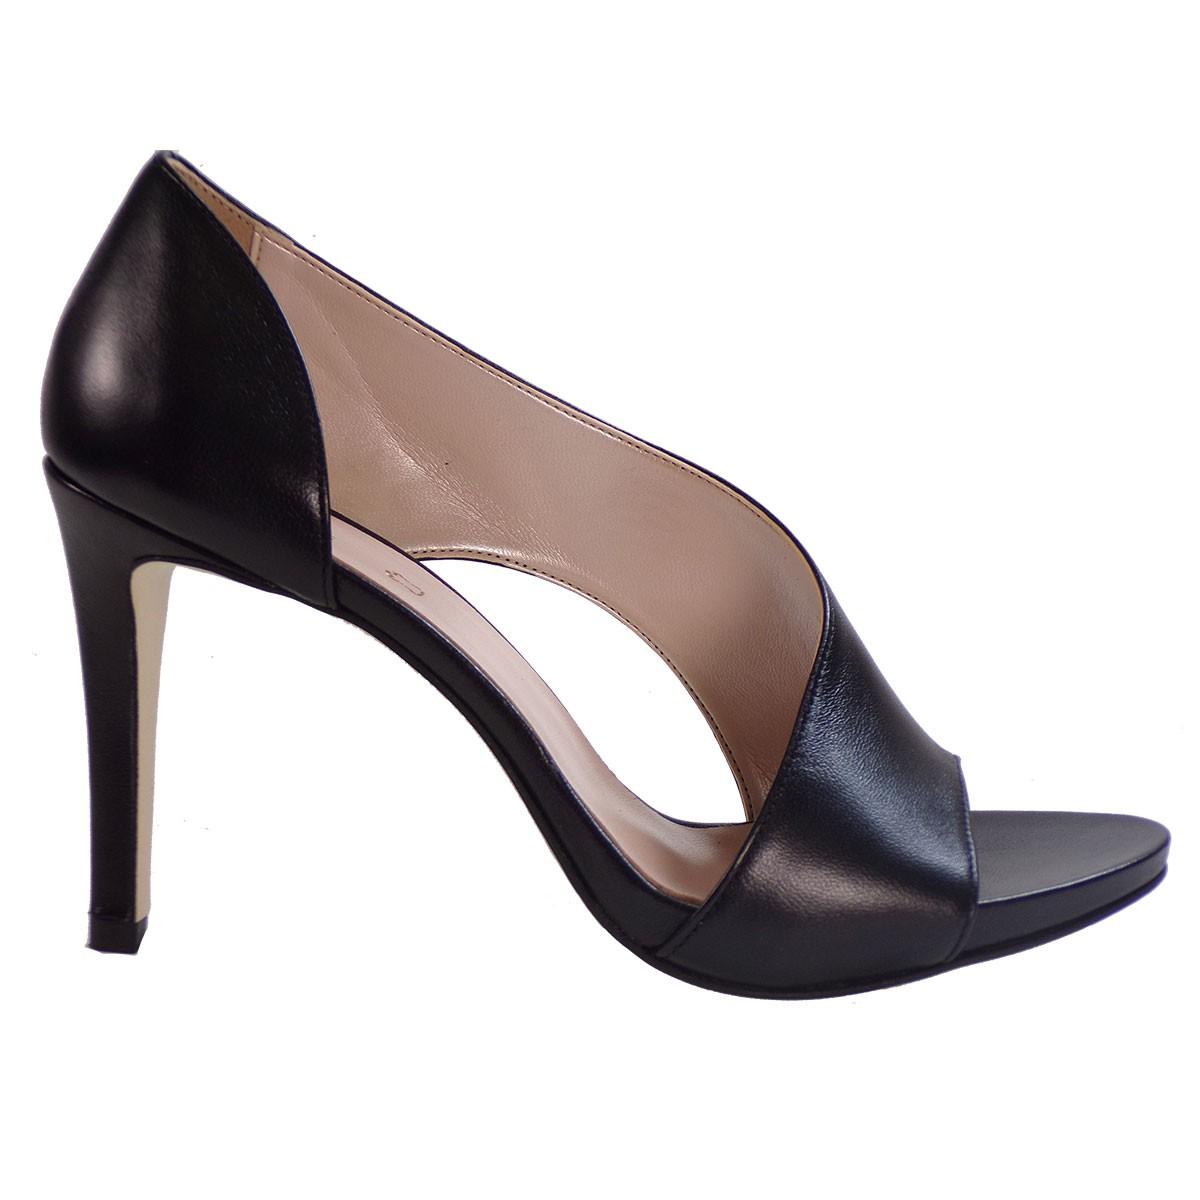 35e1a16c29 Fardoulis Shoes Γυναικεία Παπούτσια Γόβες 8187 Μαύρο Δέρμα – IShoeStore